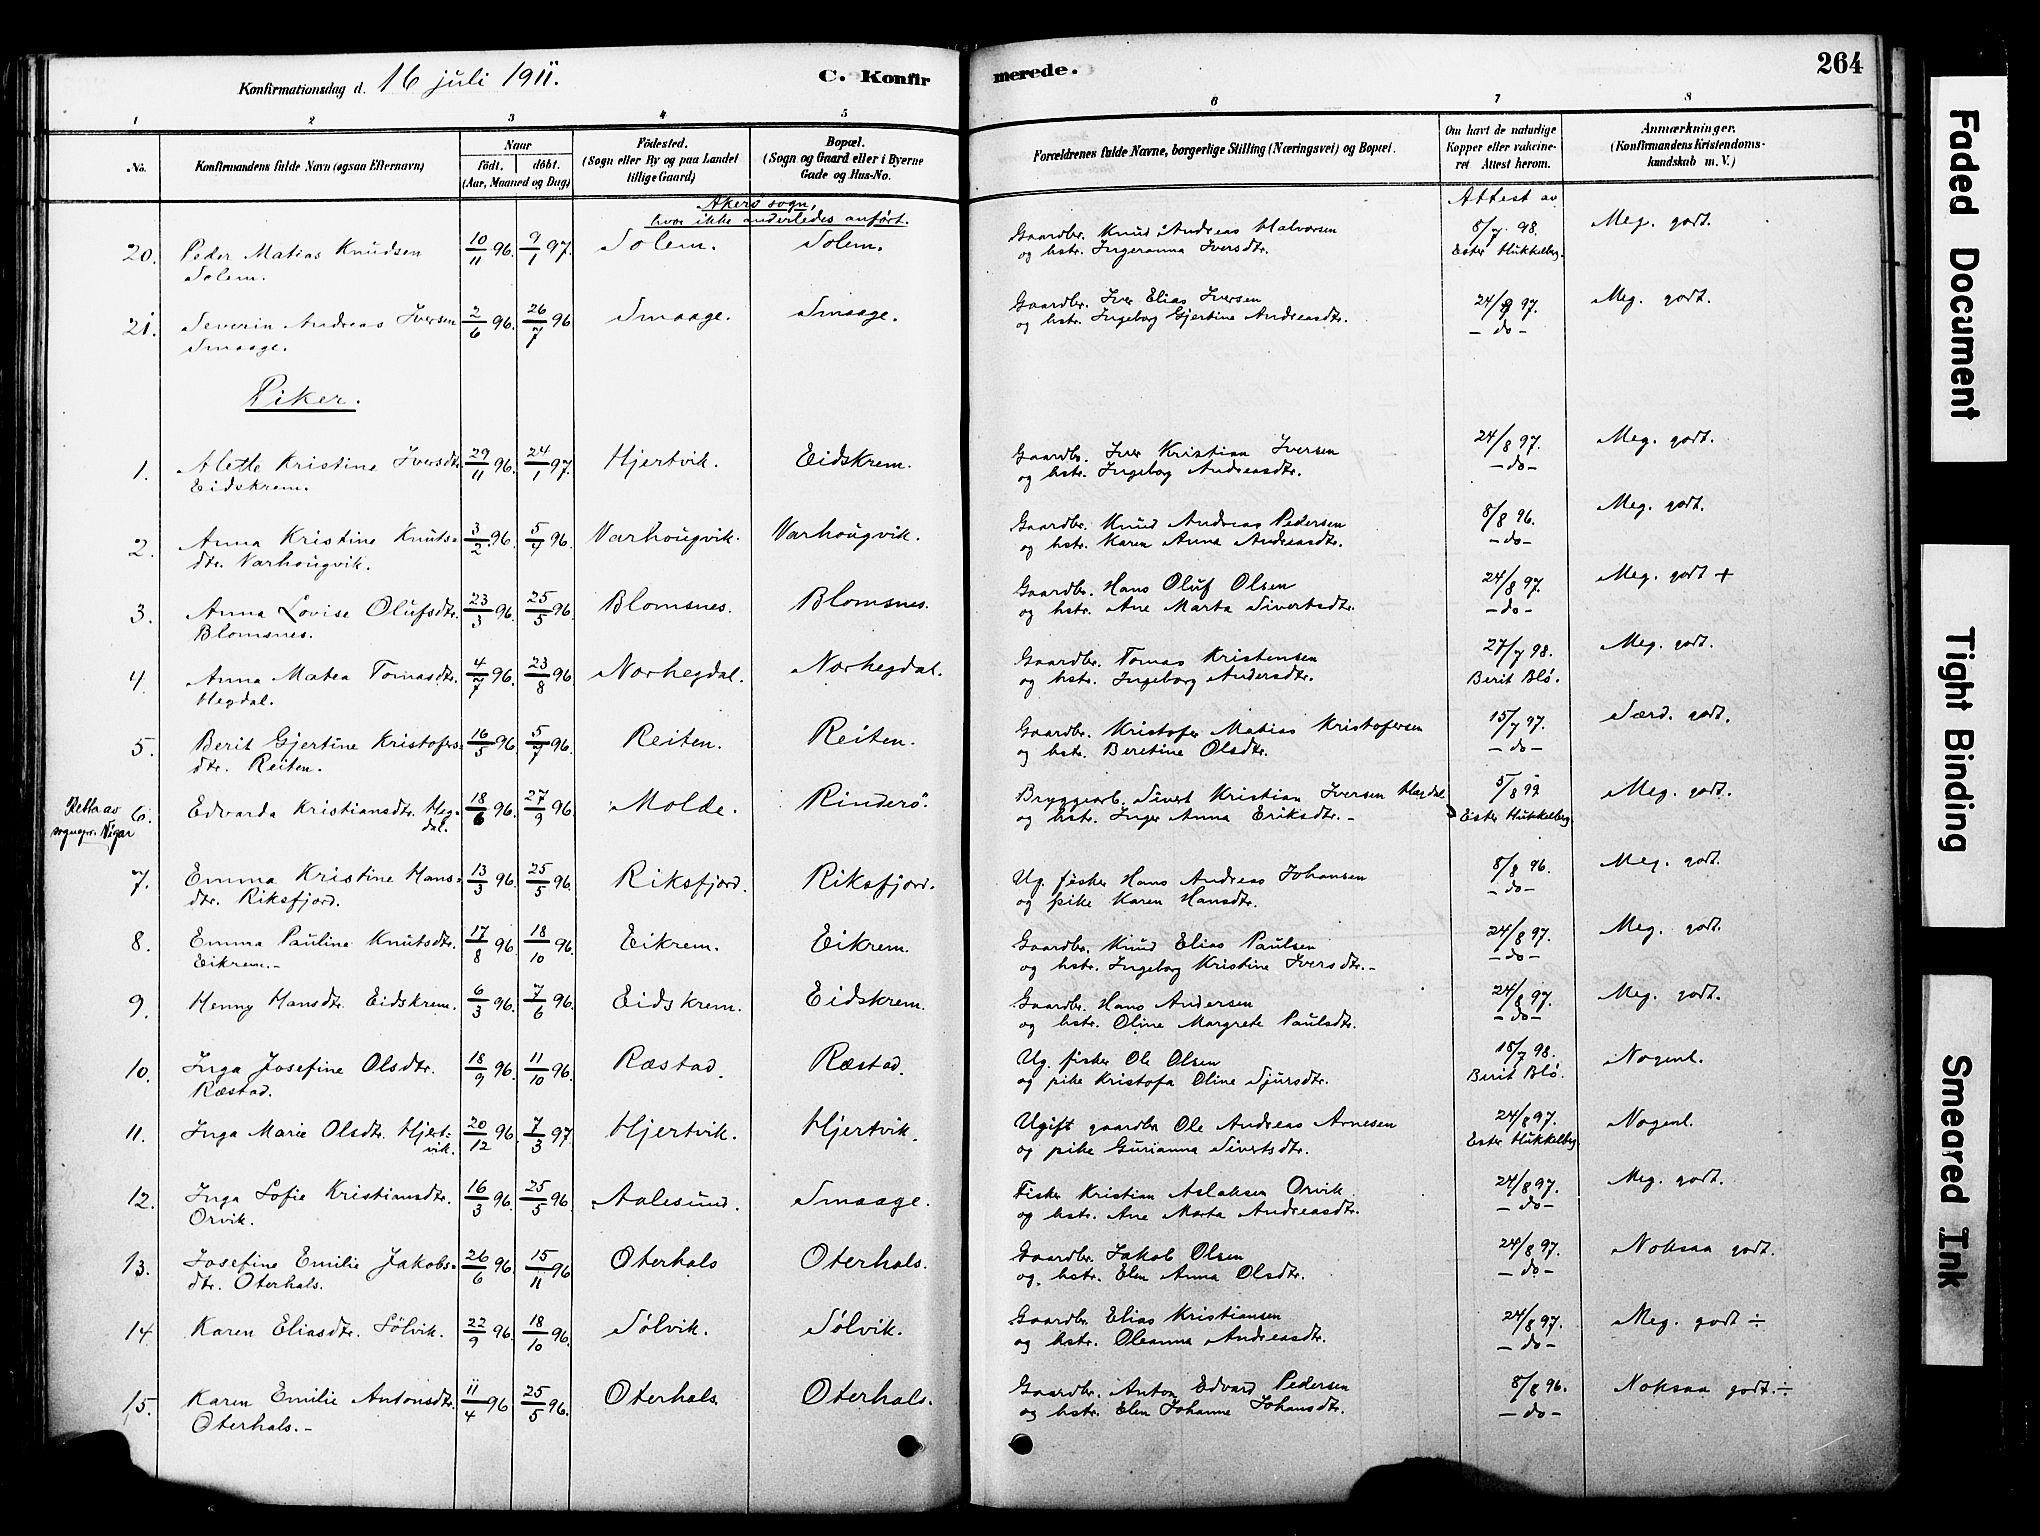 SAT, Ministerialprotokoller, klokkerbøker og fødselsregistre - Møre og Romsdal, 560/L0721: Ministerialbok nr. 560A05, 1878-1917, s. 264